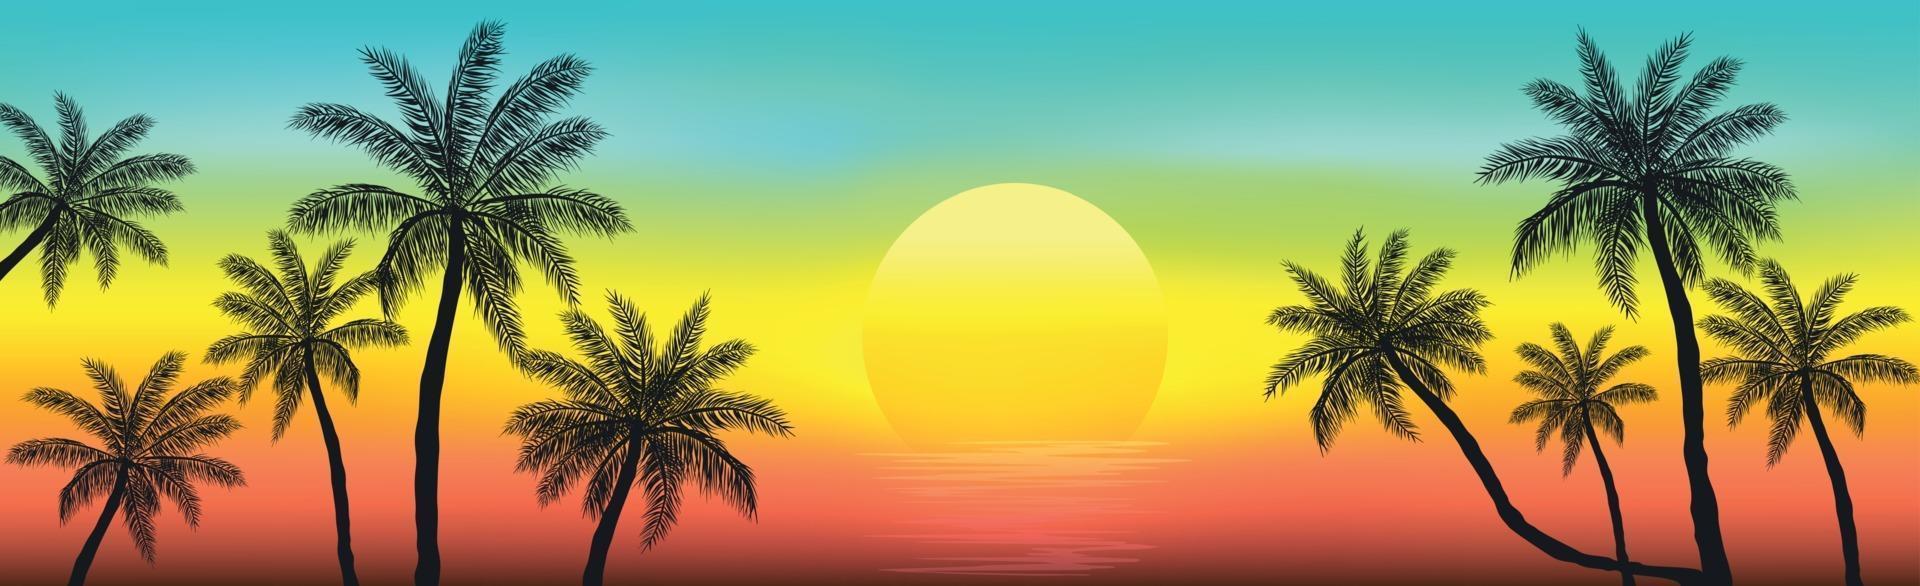 tramonto sulla spiaggia con palme vettore